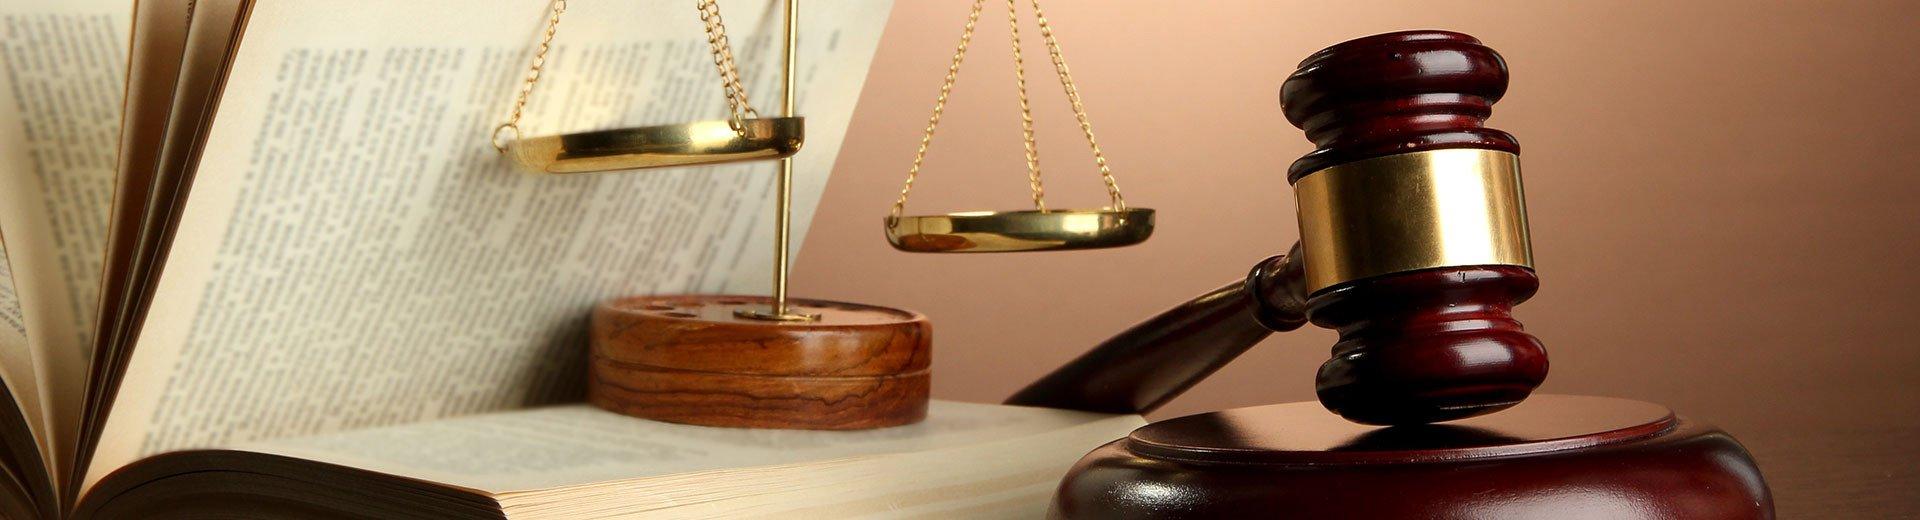 Okładka artykułu Umowy prawnoautorskie w pracy grafika — Jakie typy umów możesz podpisać?